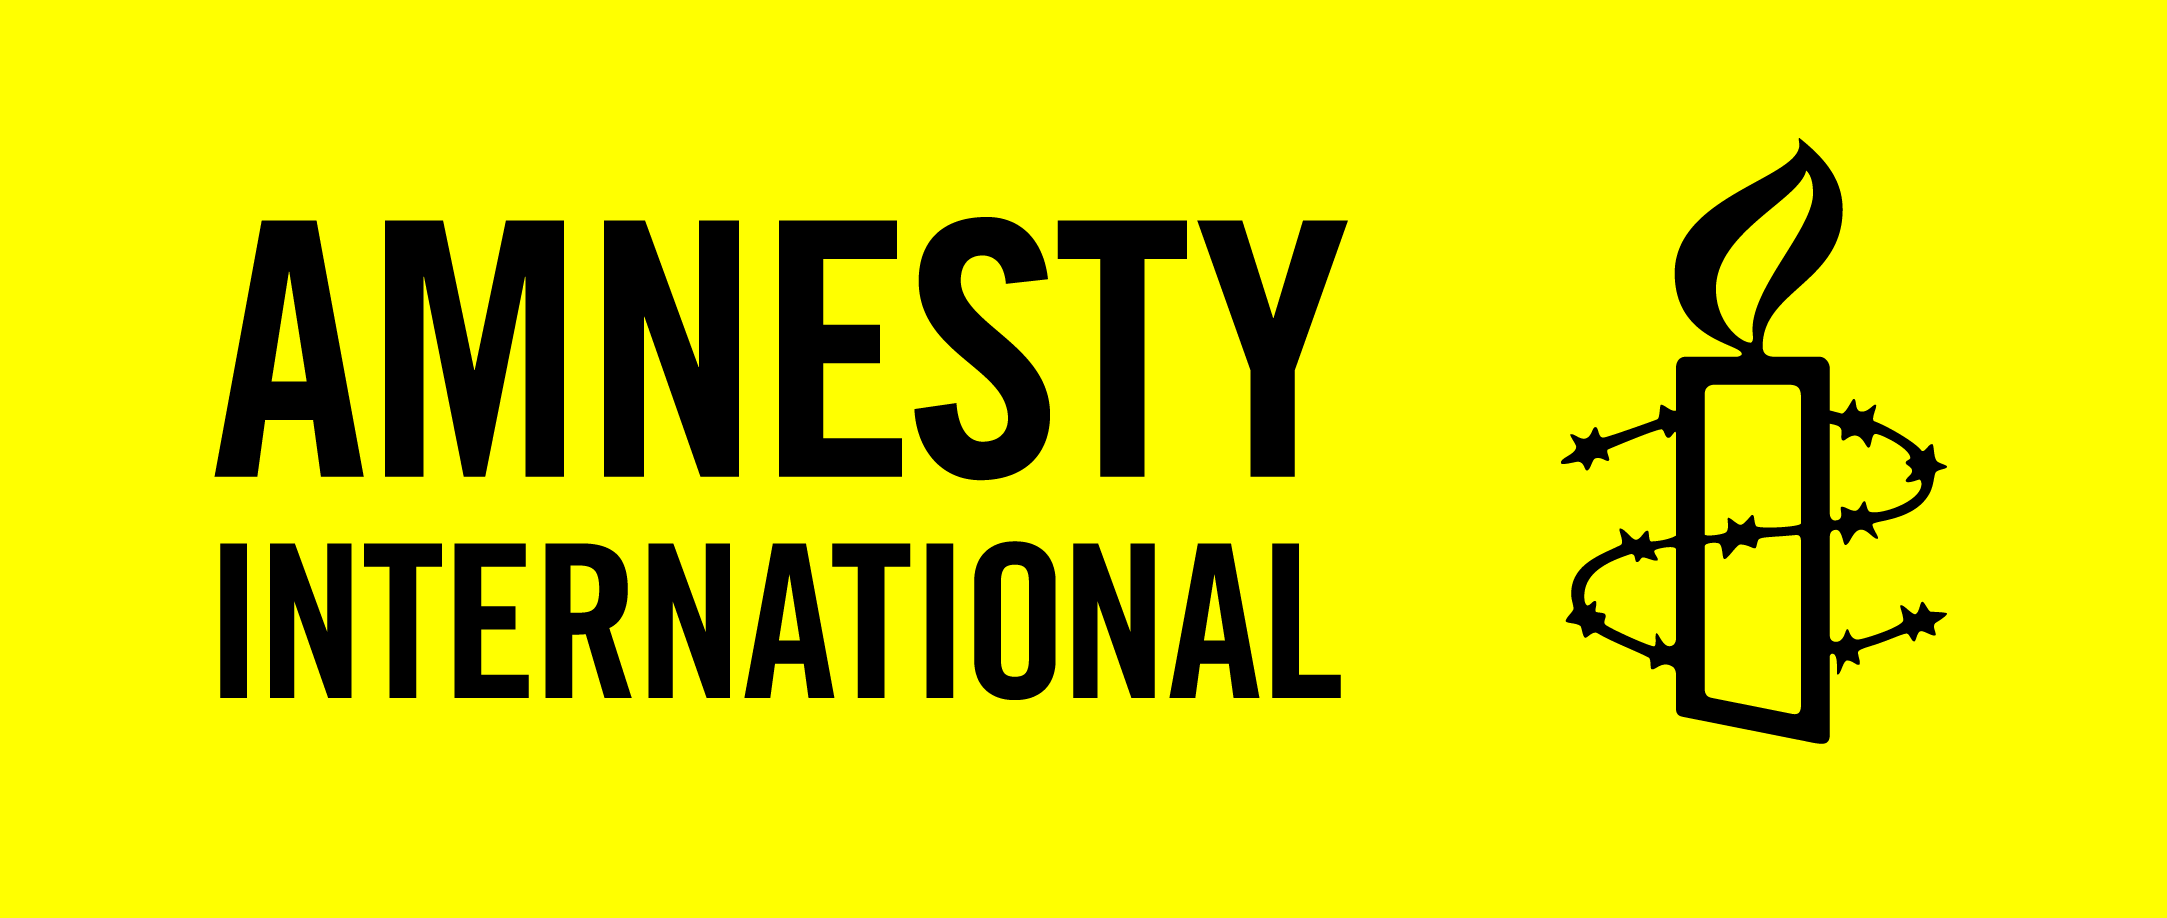 Bildergebnis für amnesty international